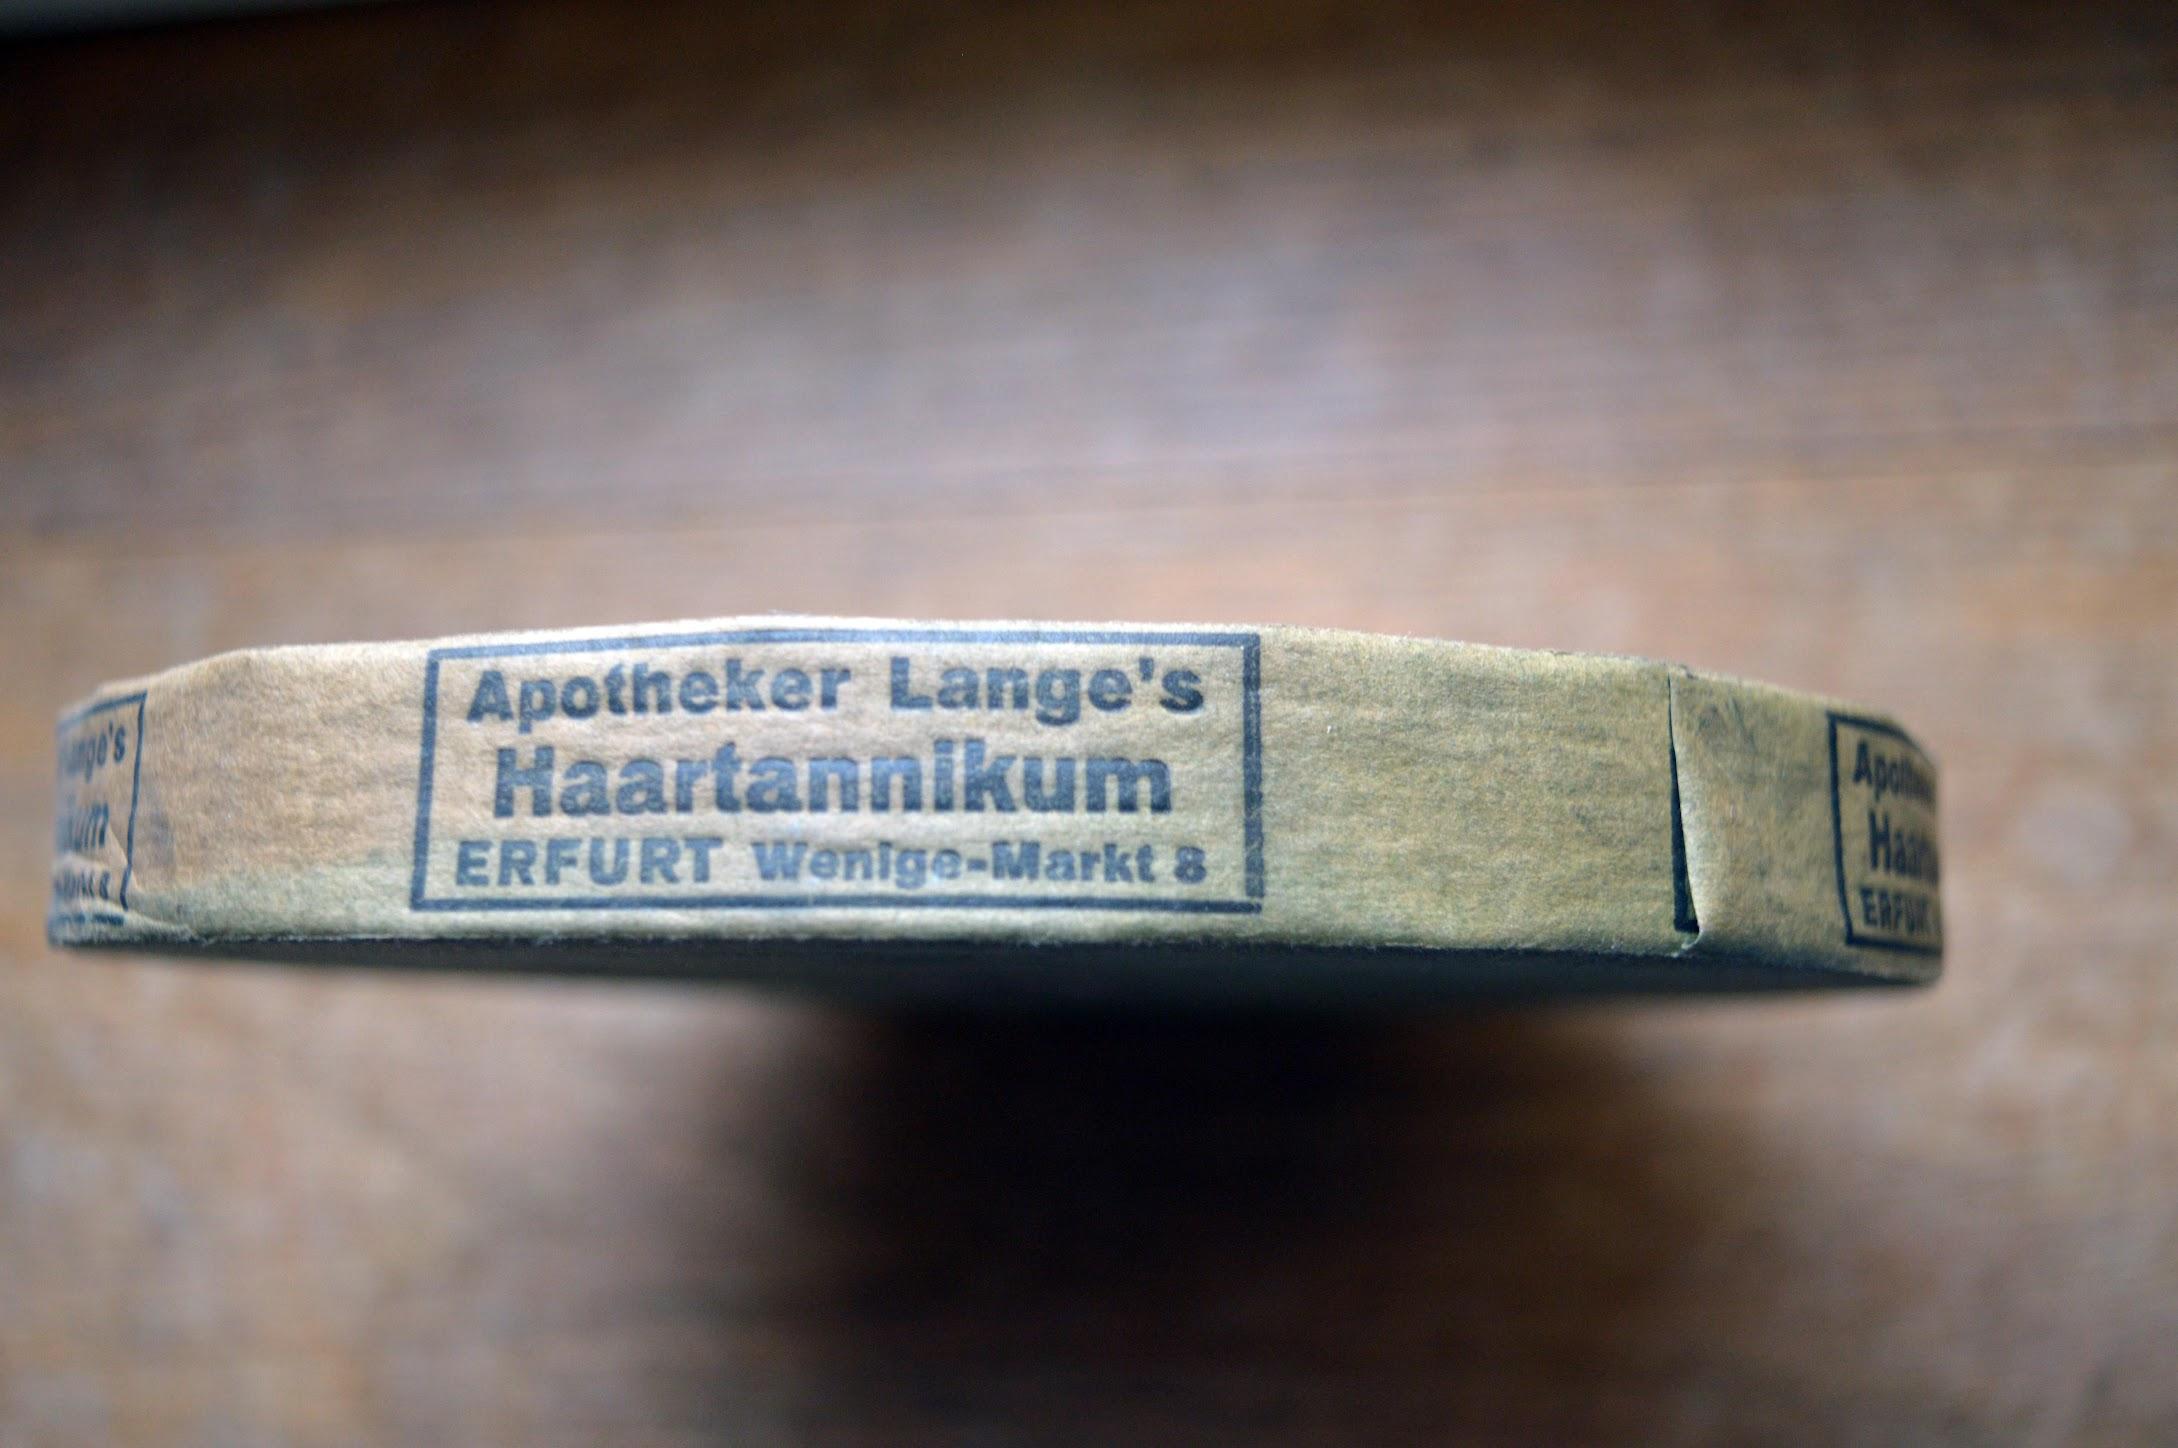 Packband, 1920, Germania-Drogerie Erfurt, Werbung für Apotheker Lange's Haartannikum